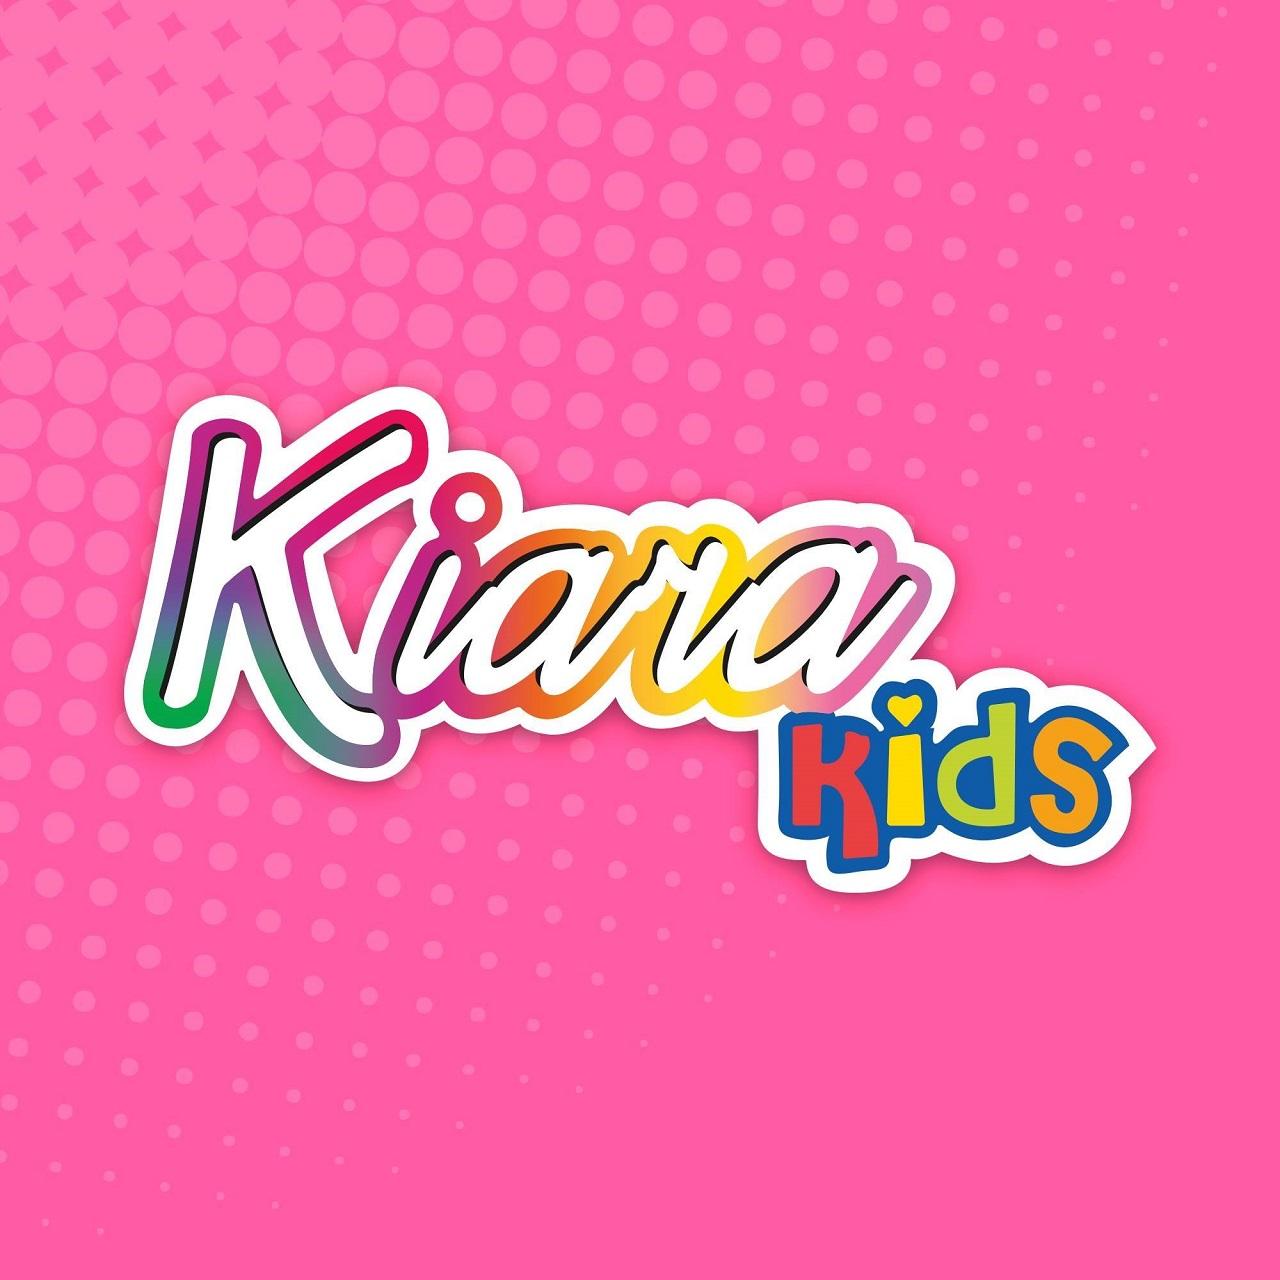 Kiara Kids